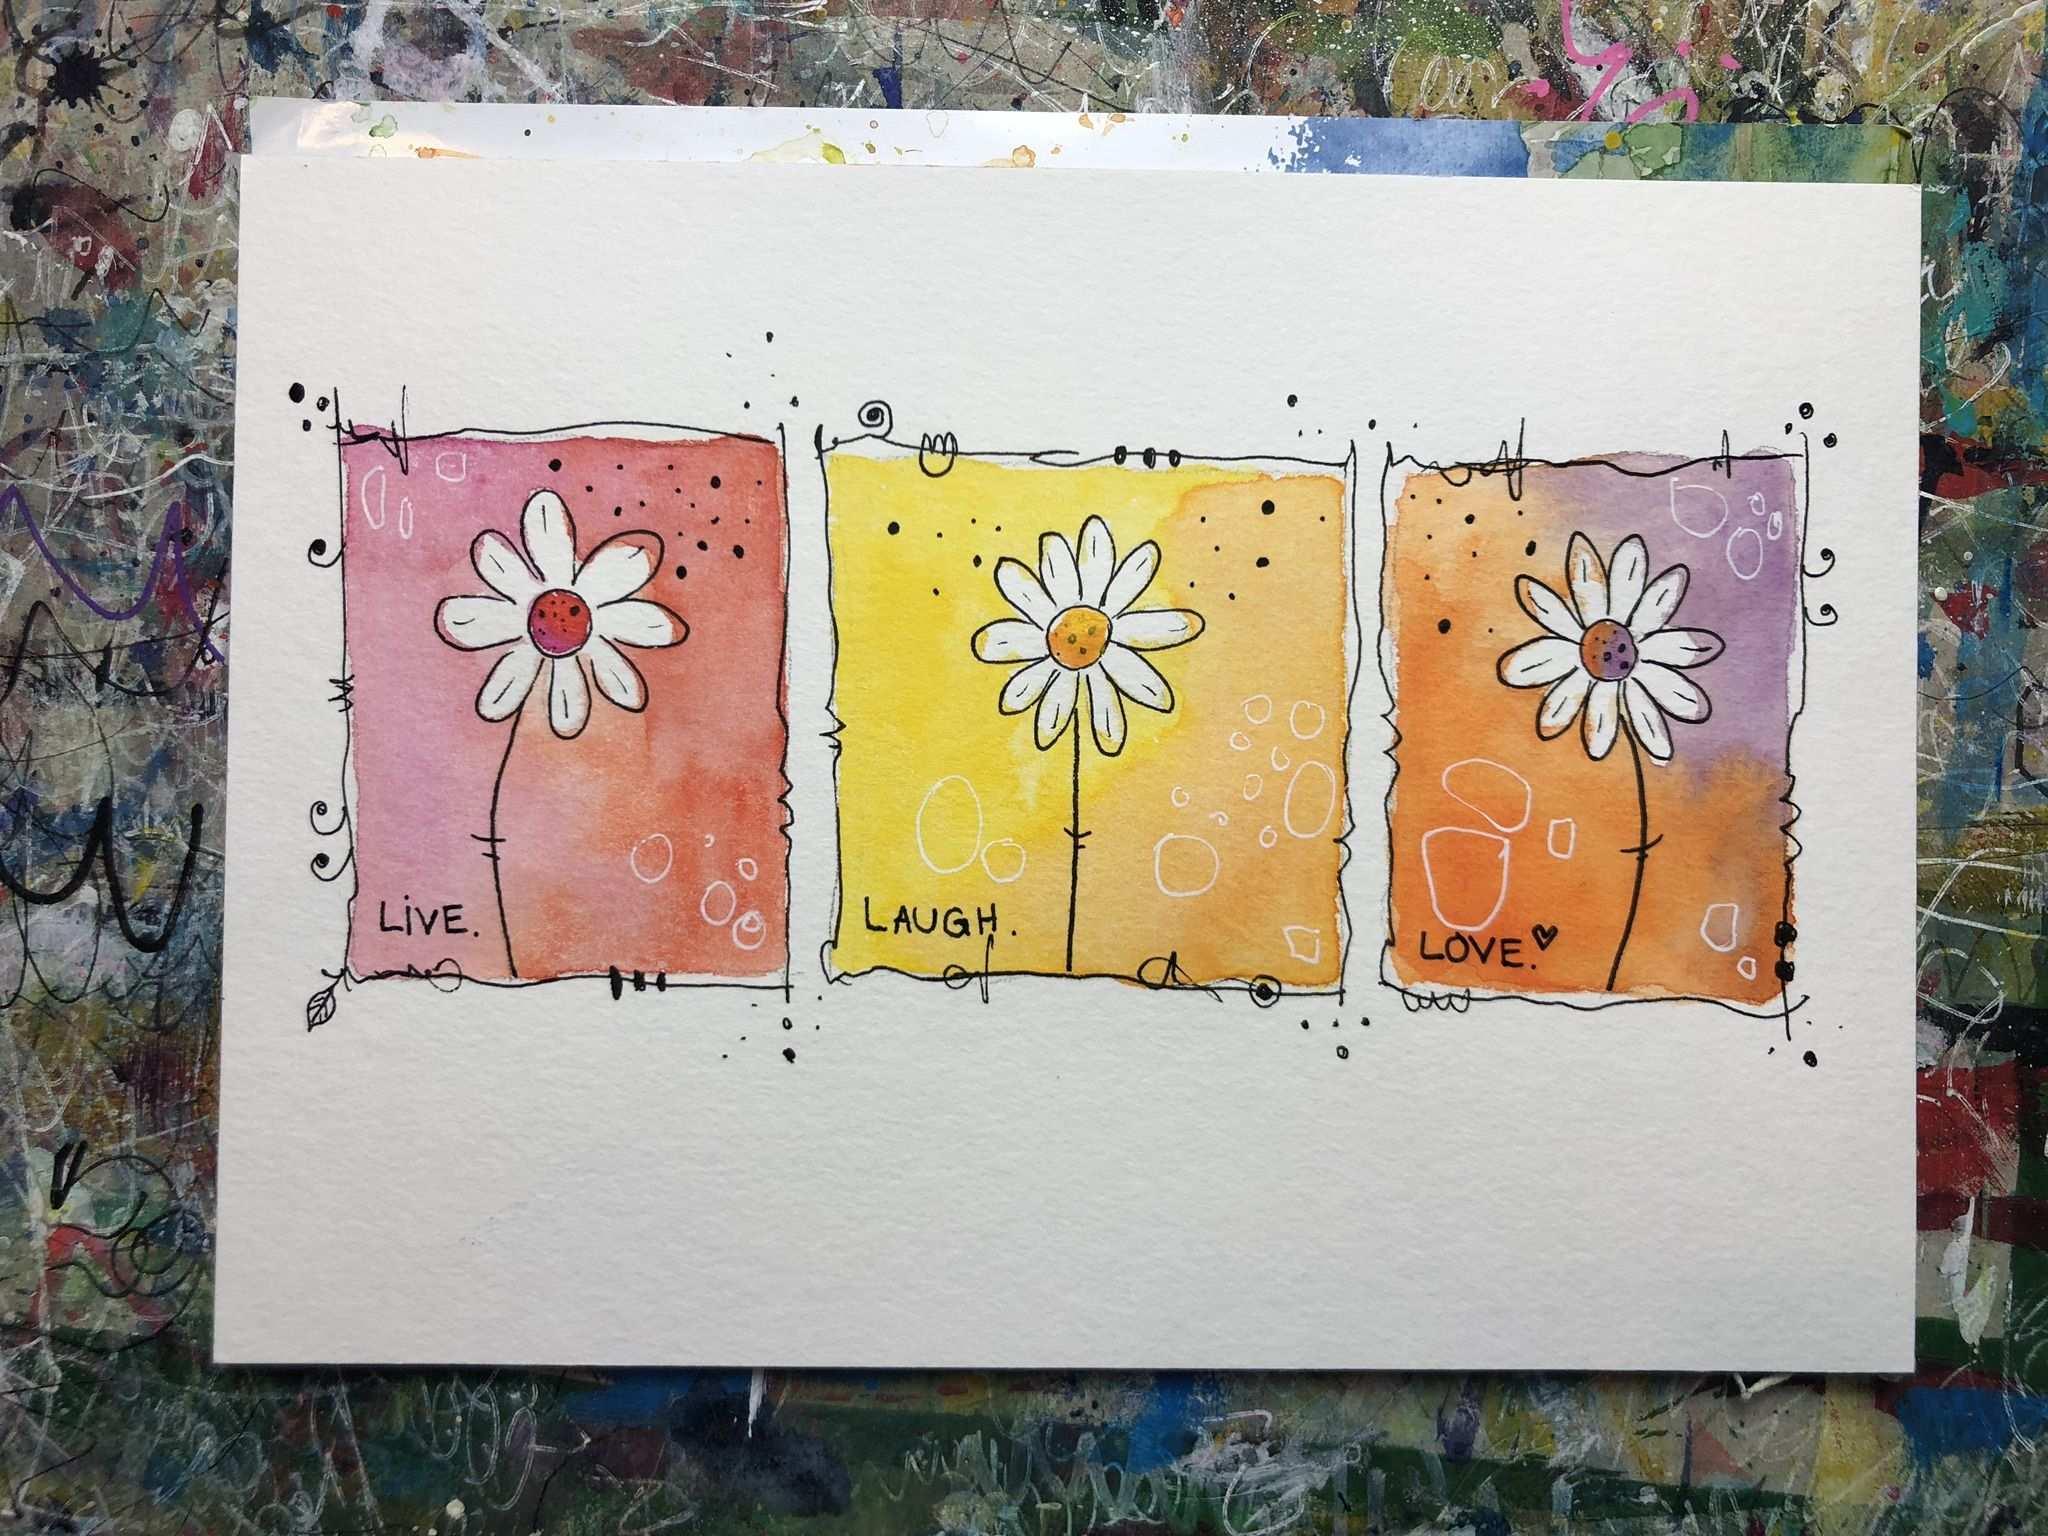 Lerne Blumen Malen Mit Viel Freude Und Leichtigkeit Mit Der Happy Painting Methode Von Clarissa Blumen Malen Blumen Zeichnen Malanleitung